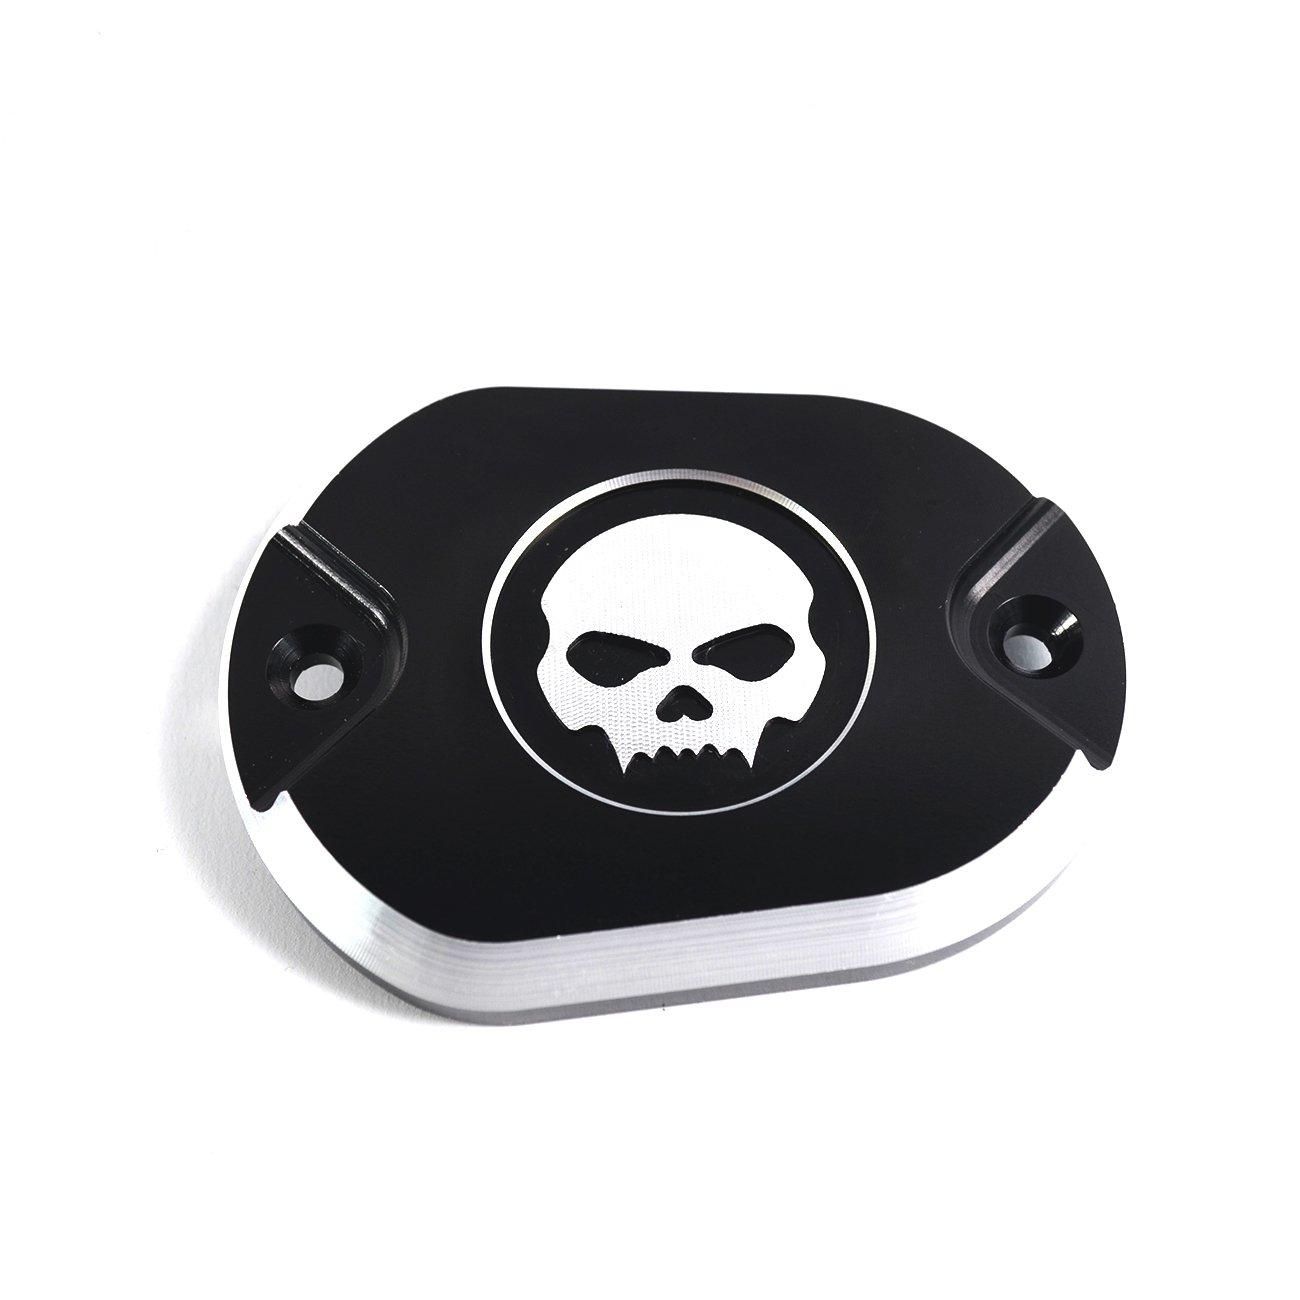 Bremszylinderabdeckung Skull black fü r Harley Davidson Sportster XL und Iron Modelle No Name